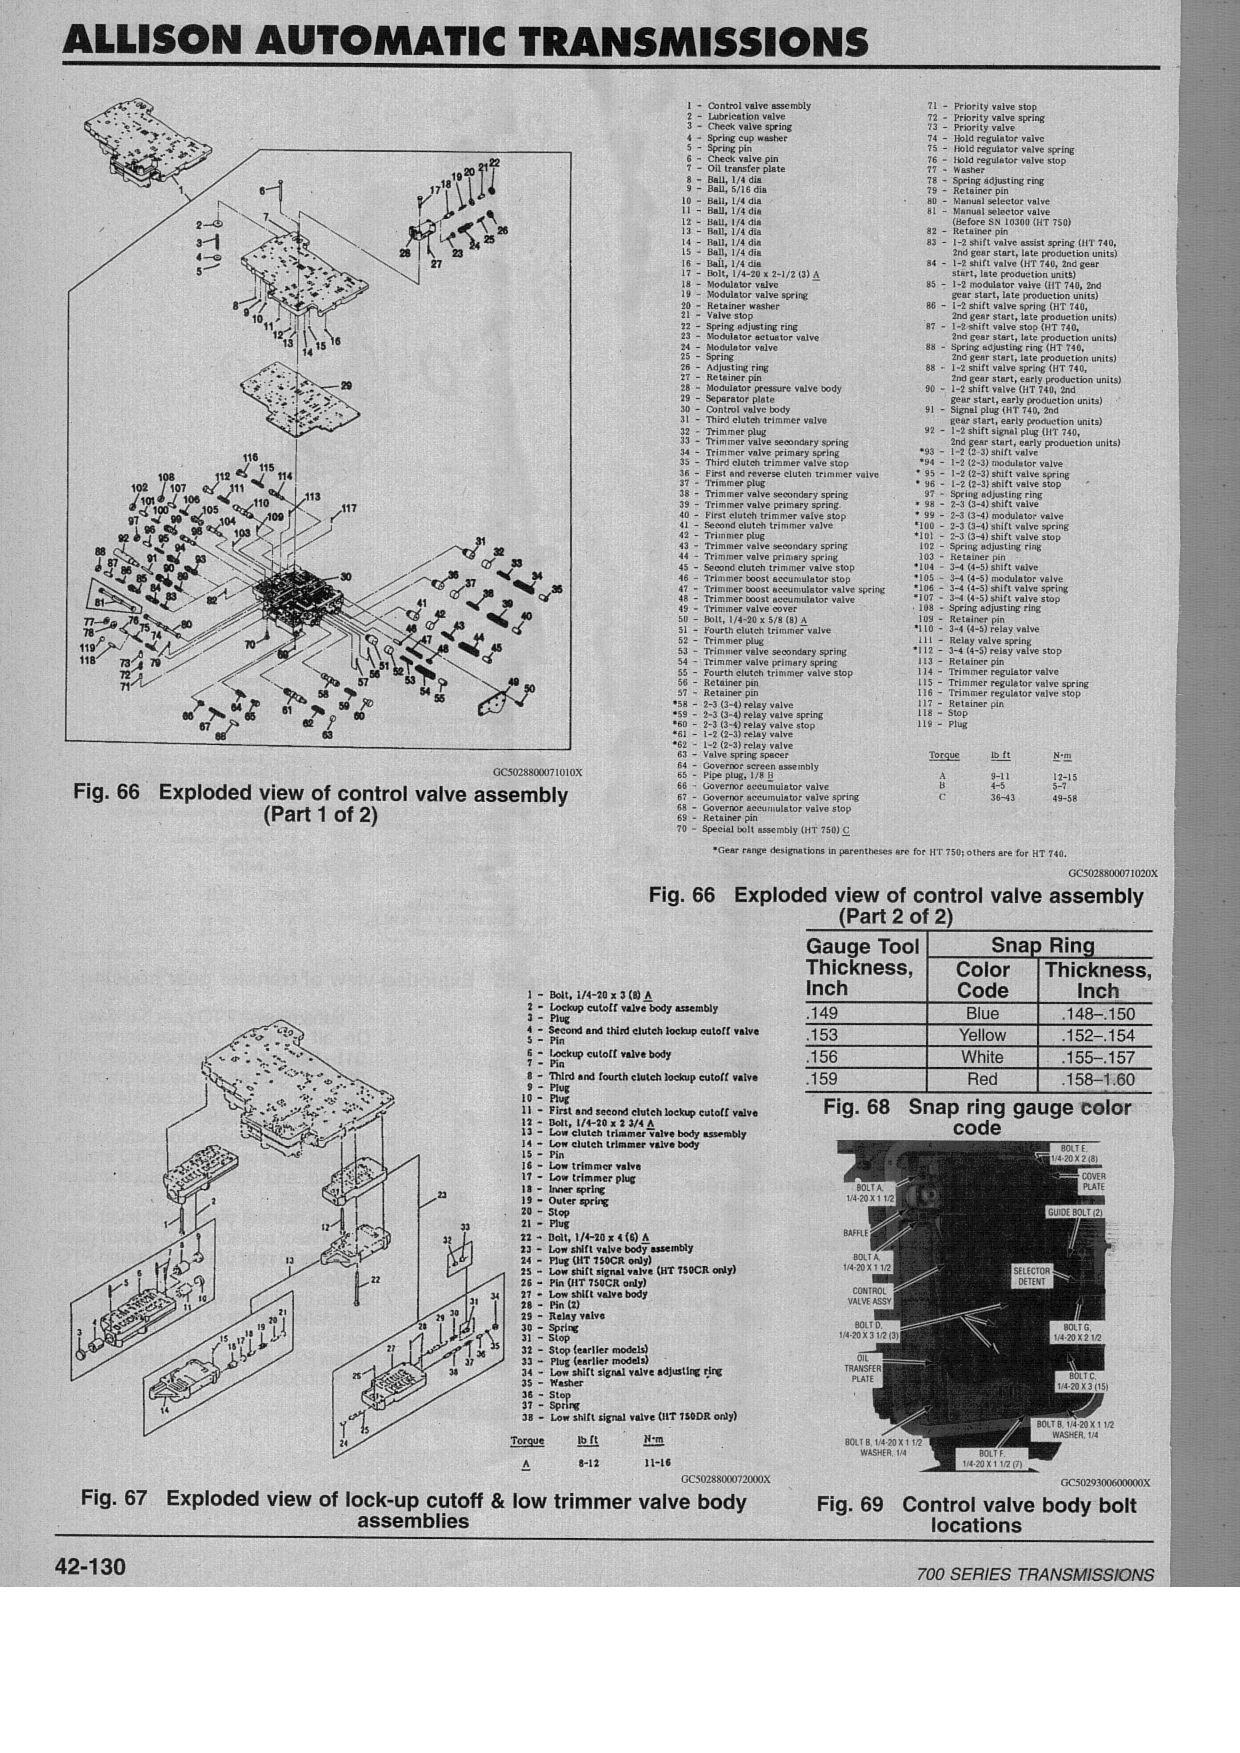 allison 740 transmission wiring diagrams   40 wiring